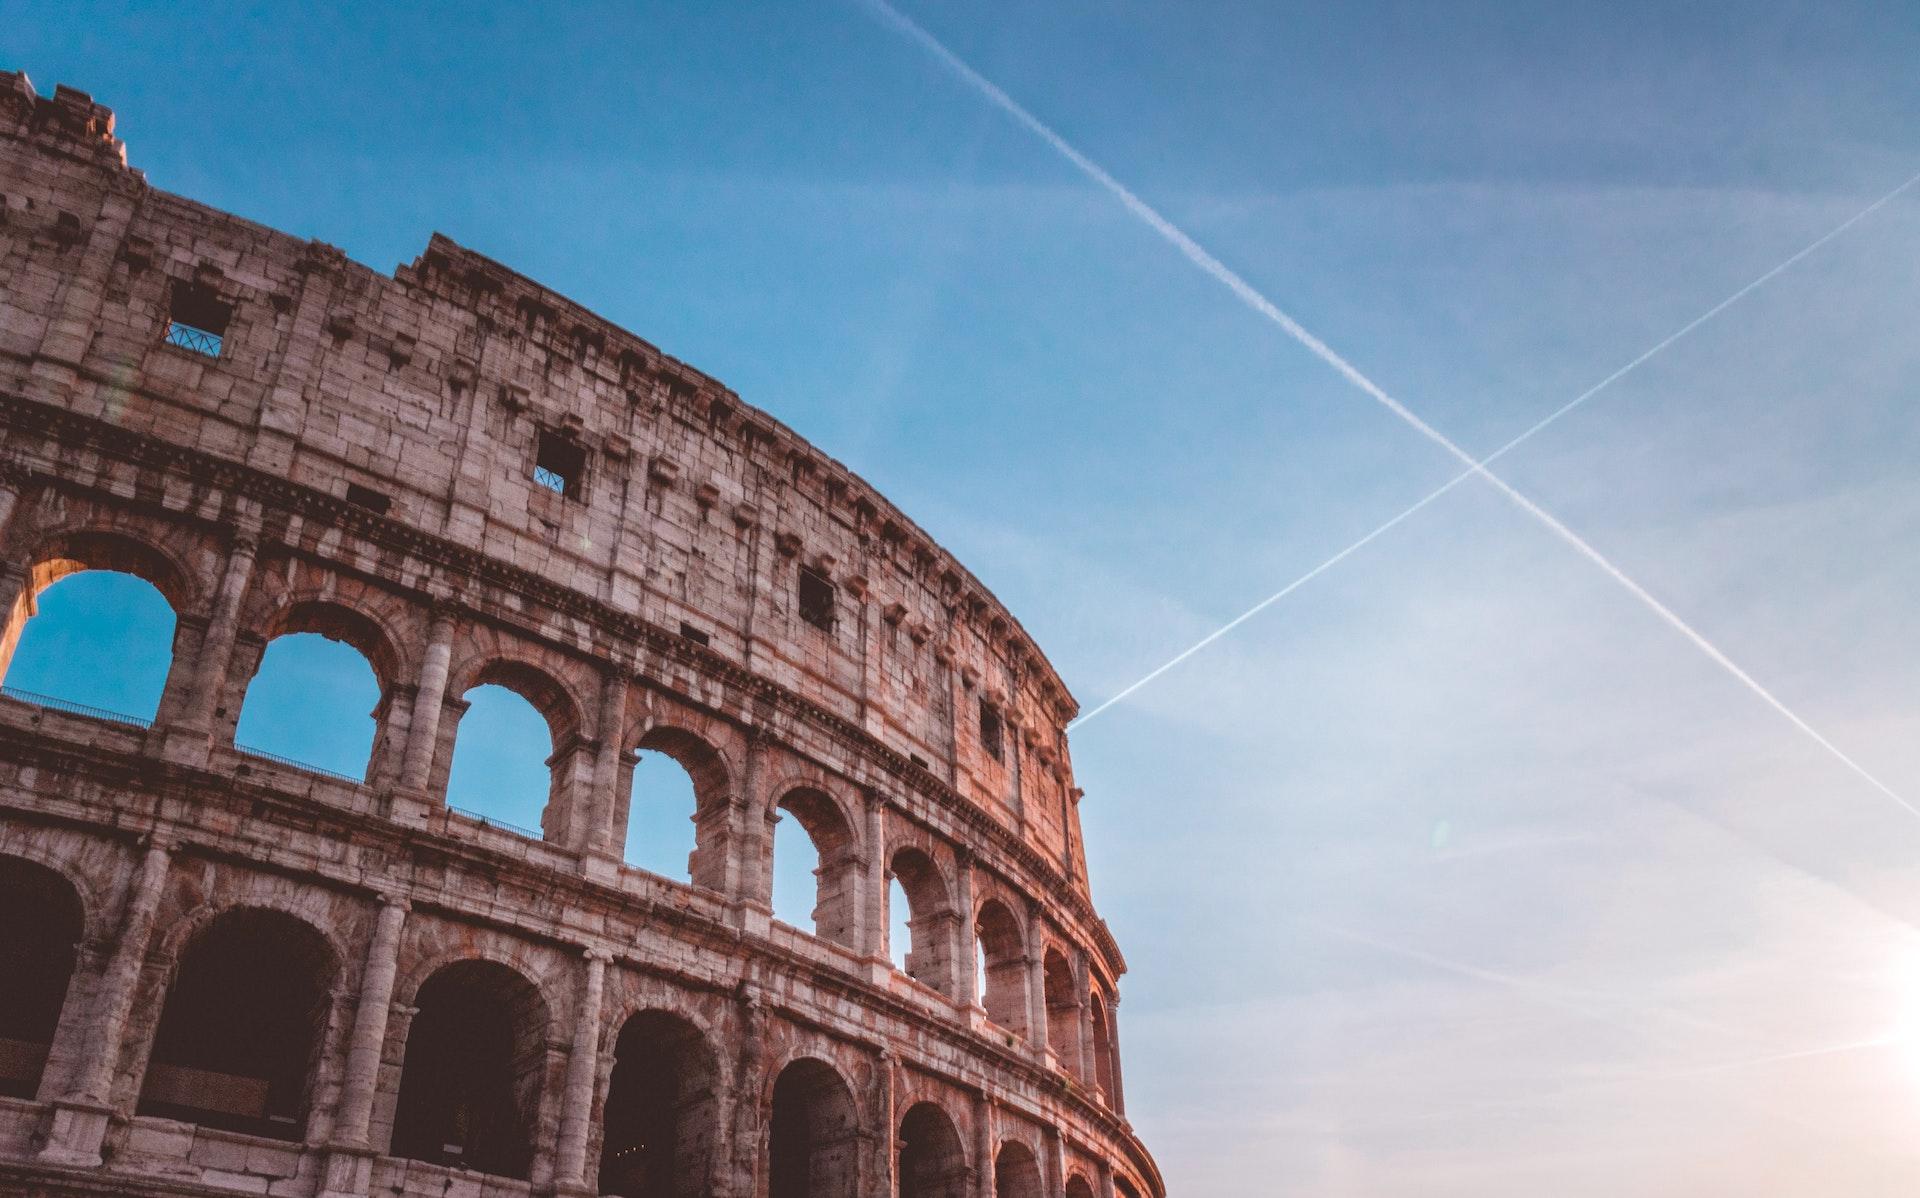 El trámite ETIAS para viajar por Europa no será obligatorio hasta 2023